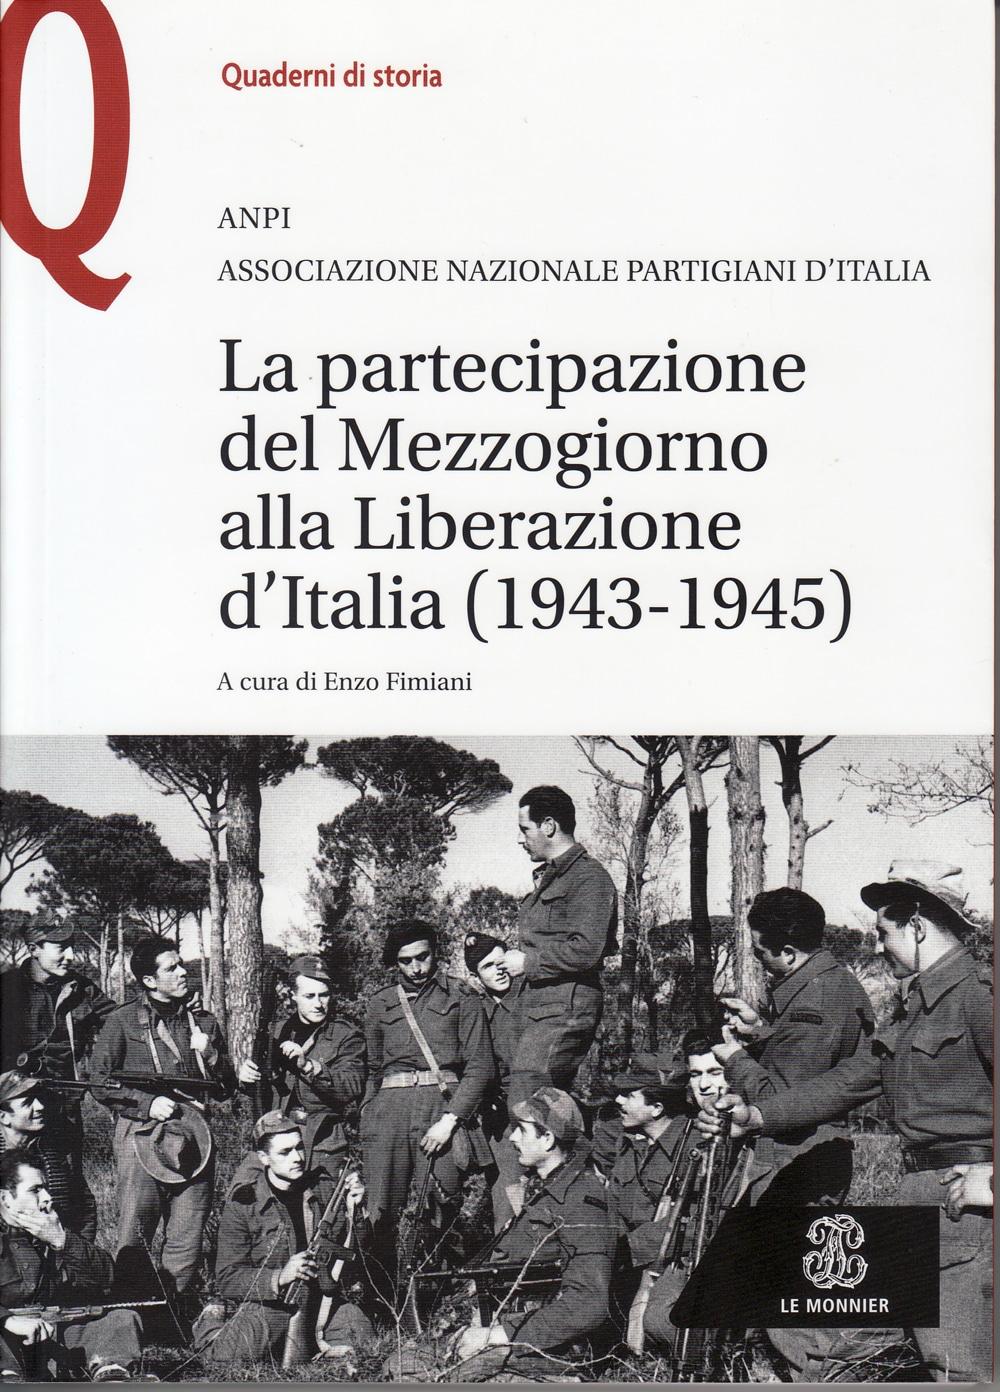 Il libro pubblicato dall'ANPI sula Resistenza nel Mezzogiorno